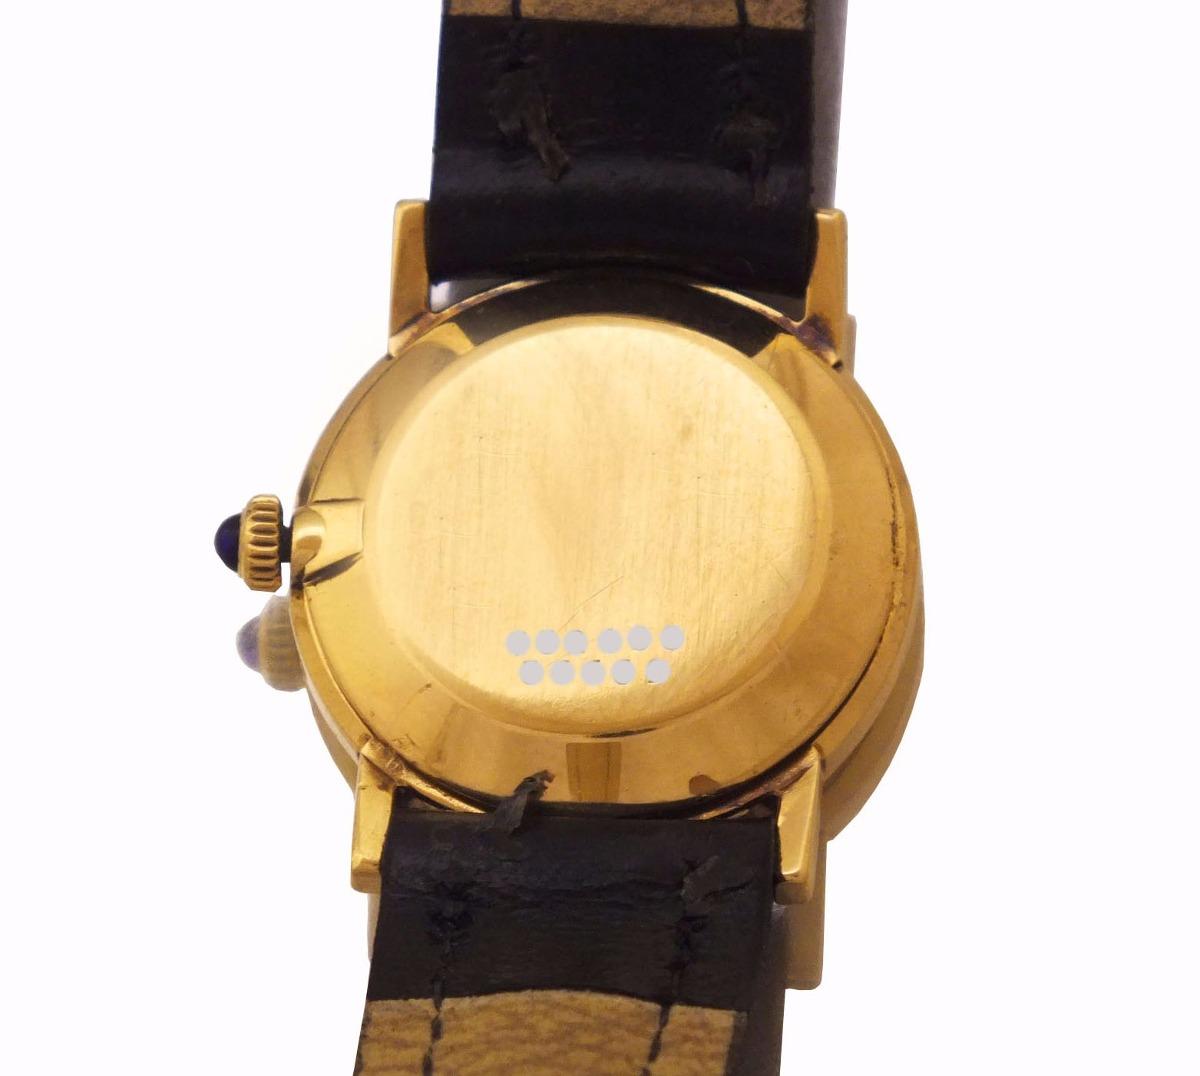 b7267739136 relogio baume   mercier geneve feminino todo em ouro j17316. Carregando  zoom.